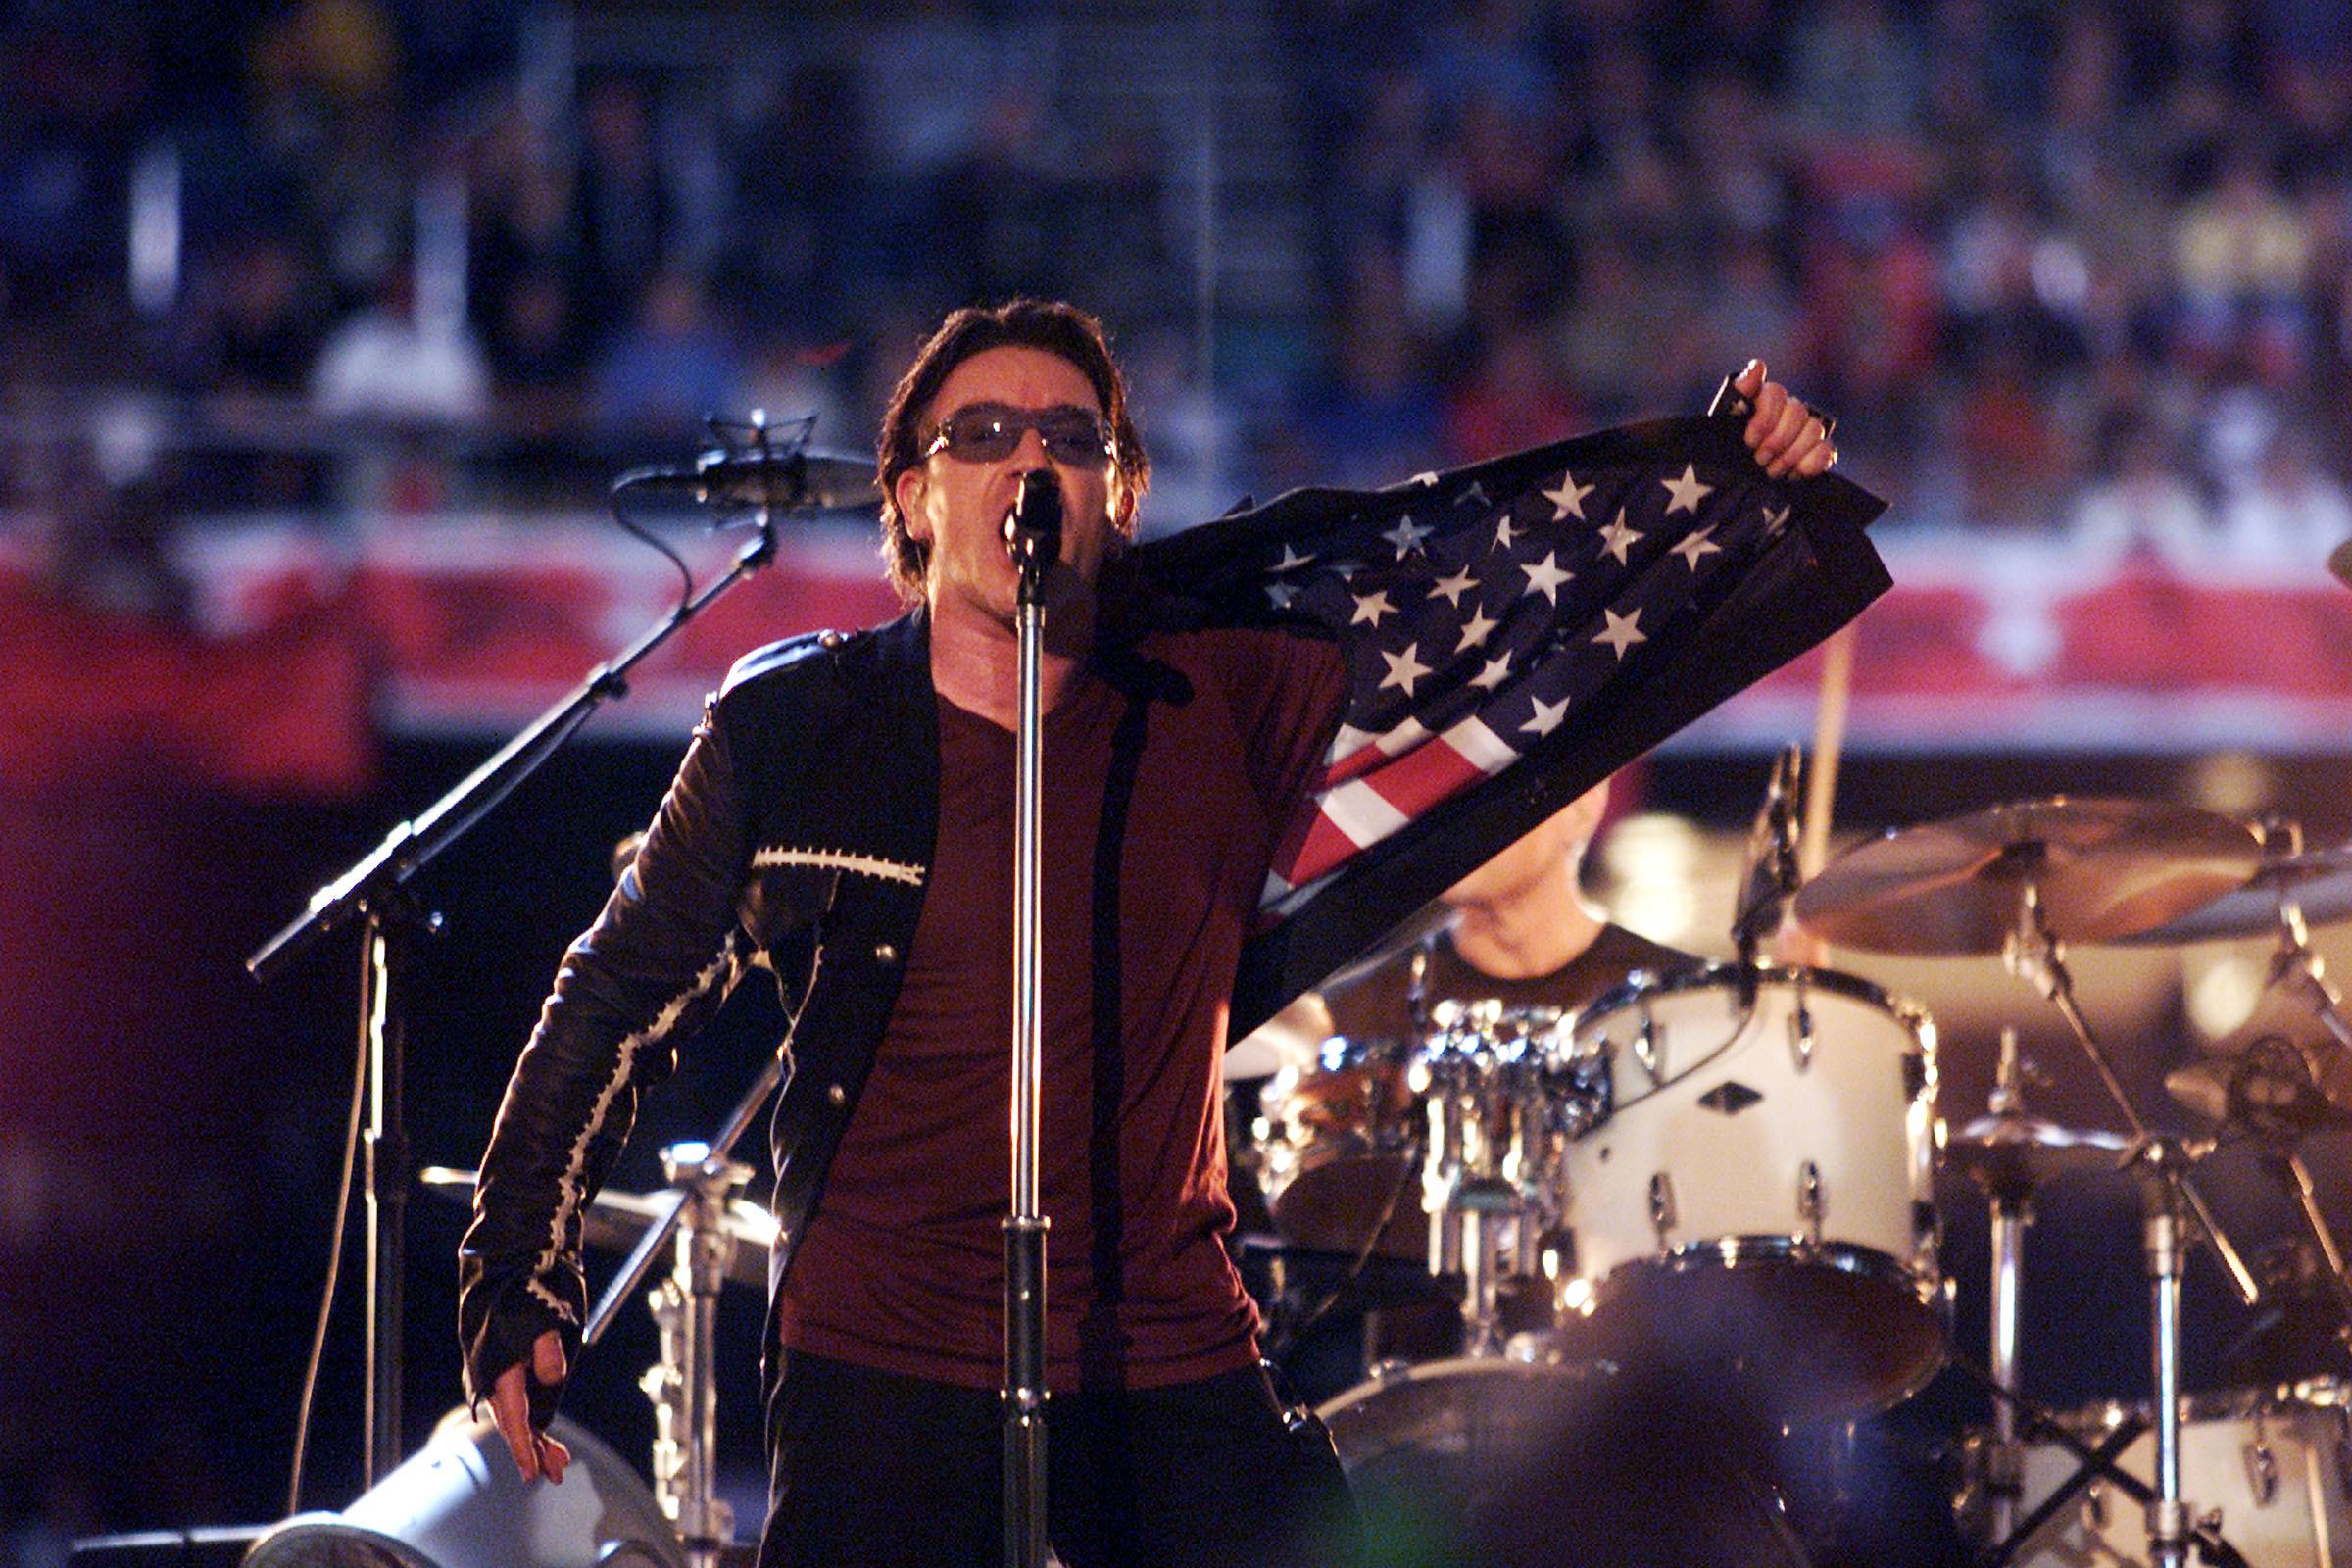 U2 in 2002